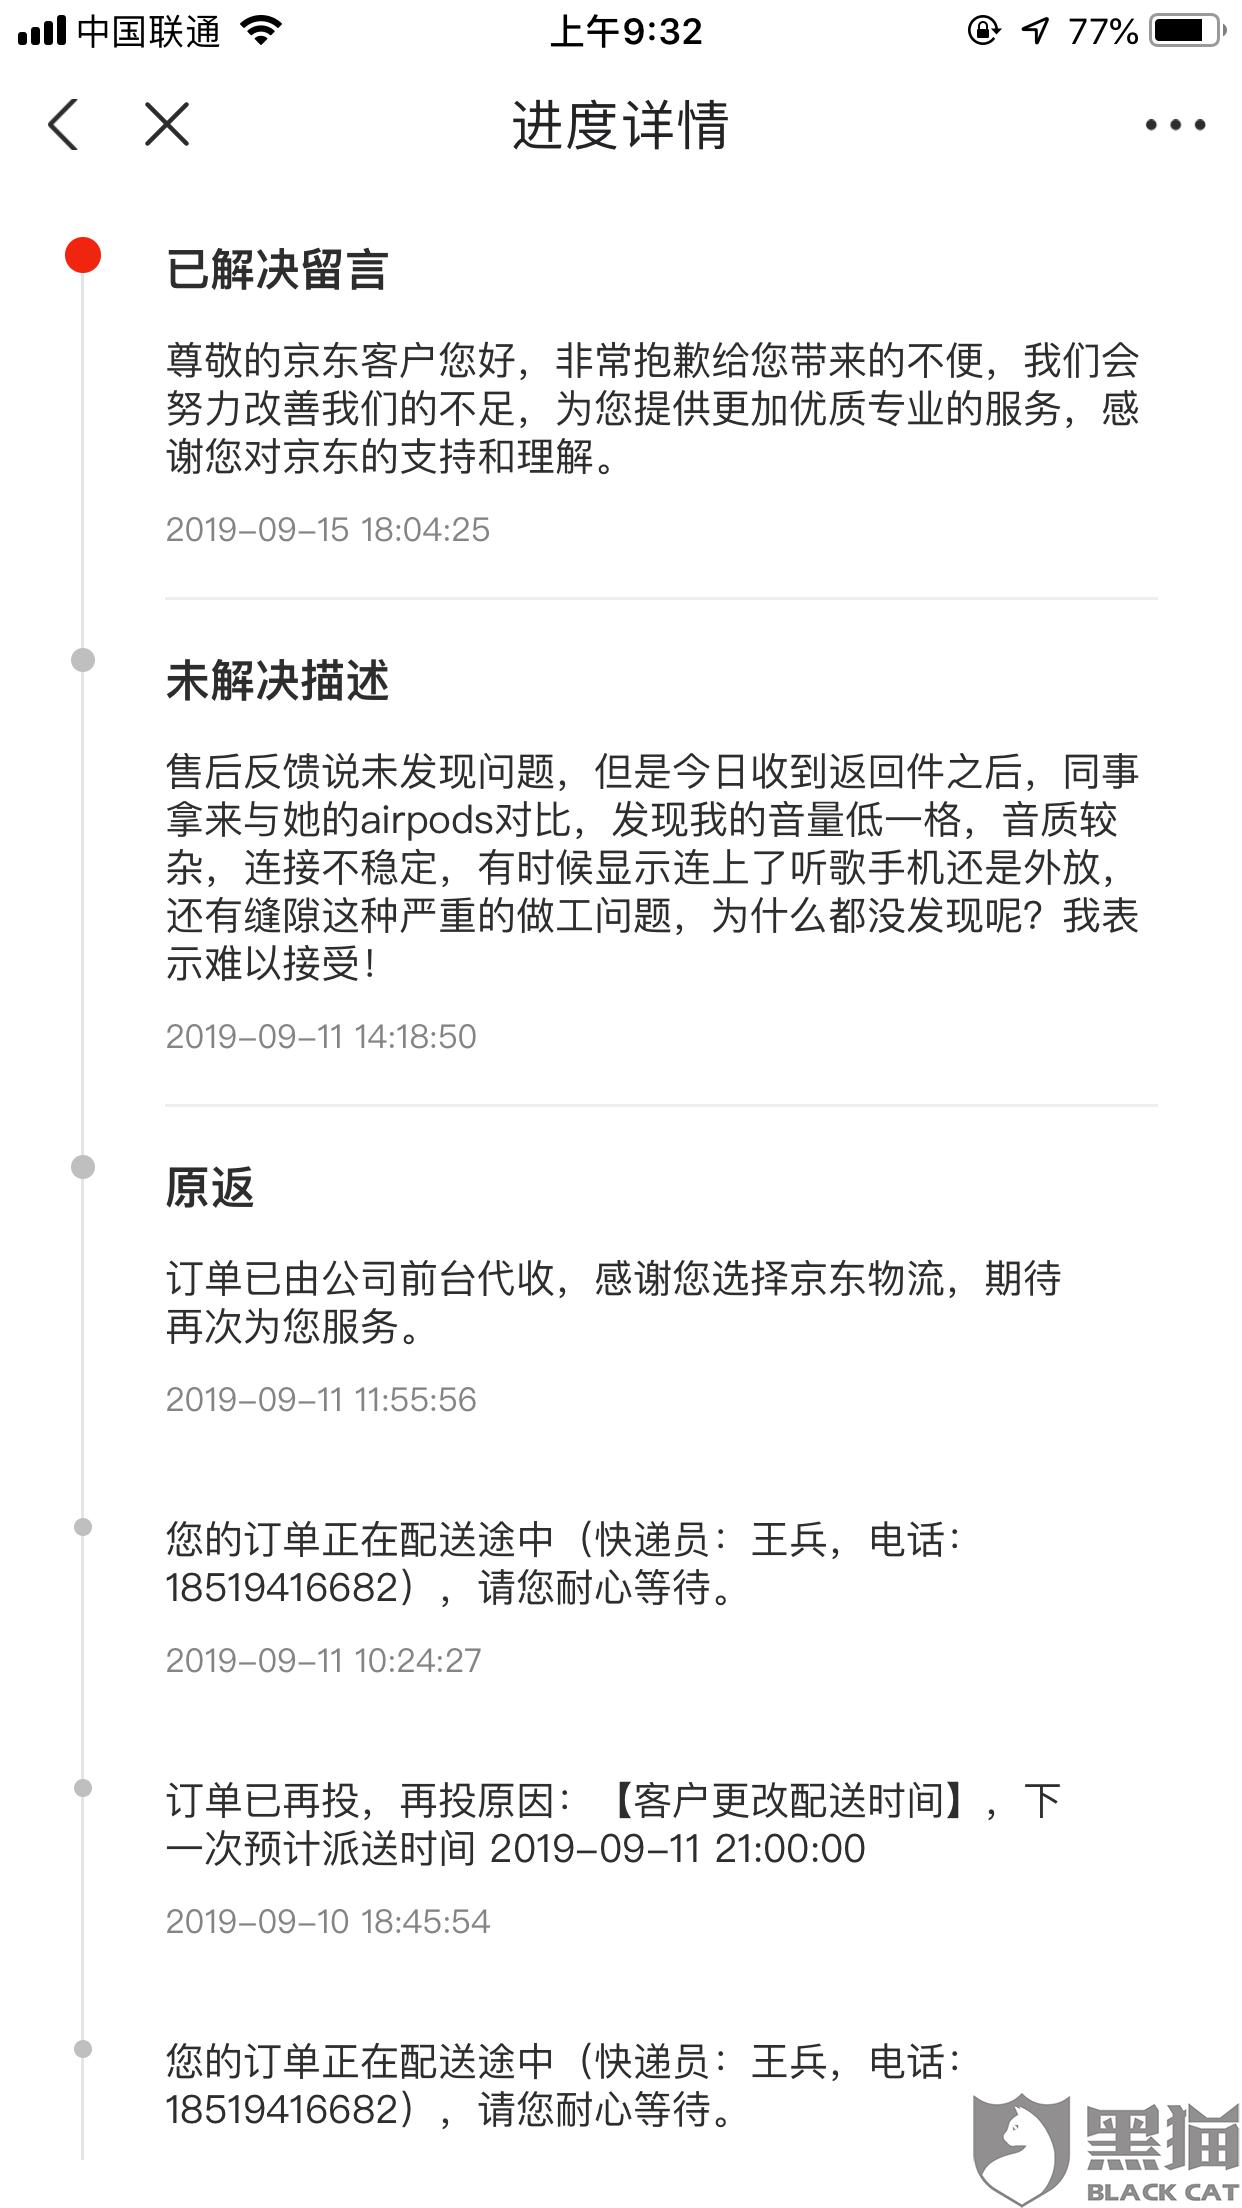 黑猫投诉:购买的Airpods2代断联、缝隙大等质量问题,京东售后退回给我磨损严重